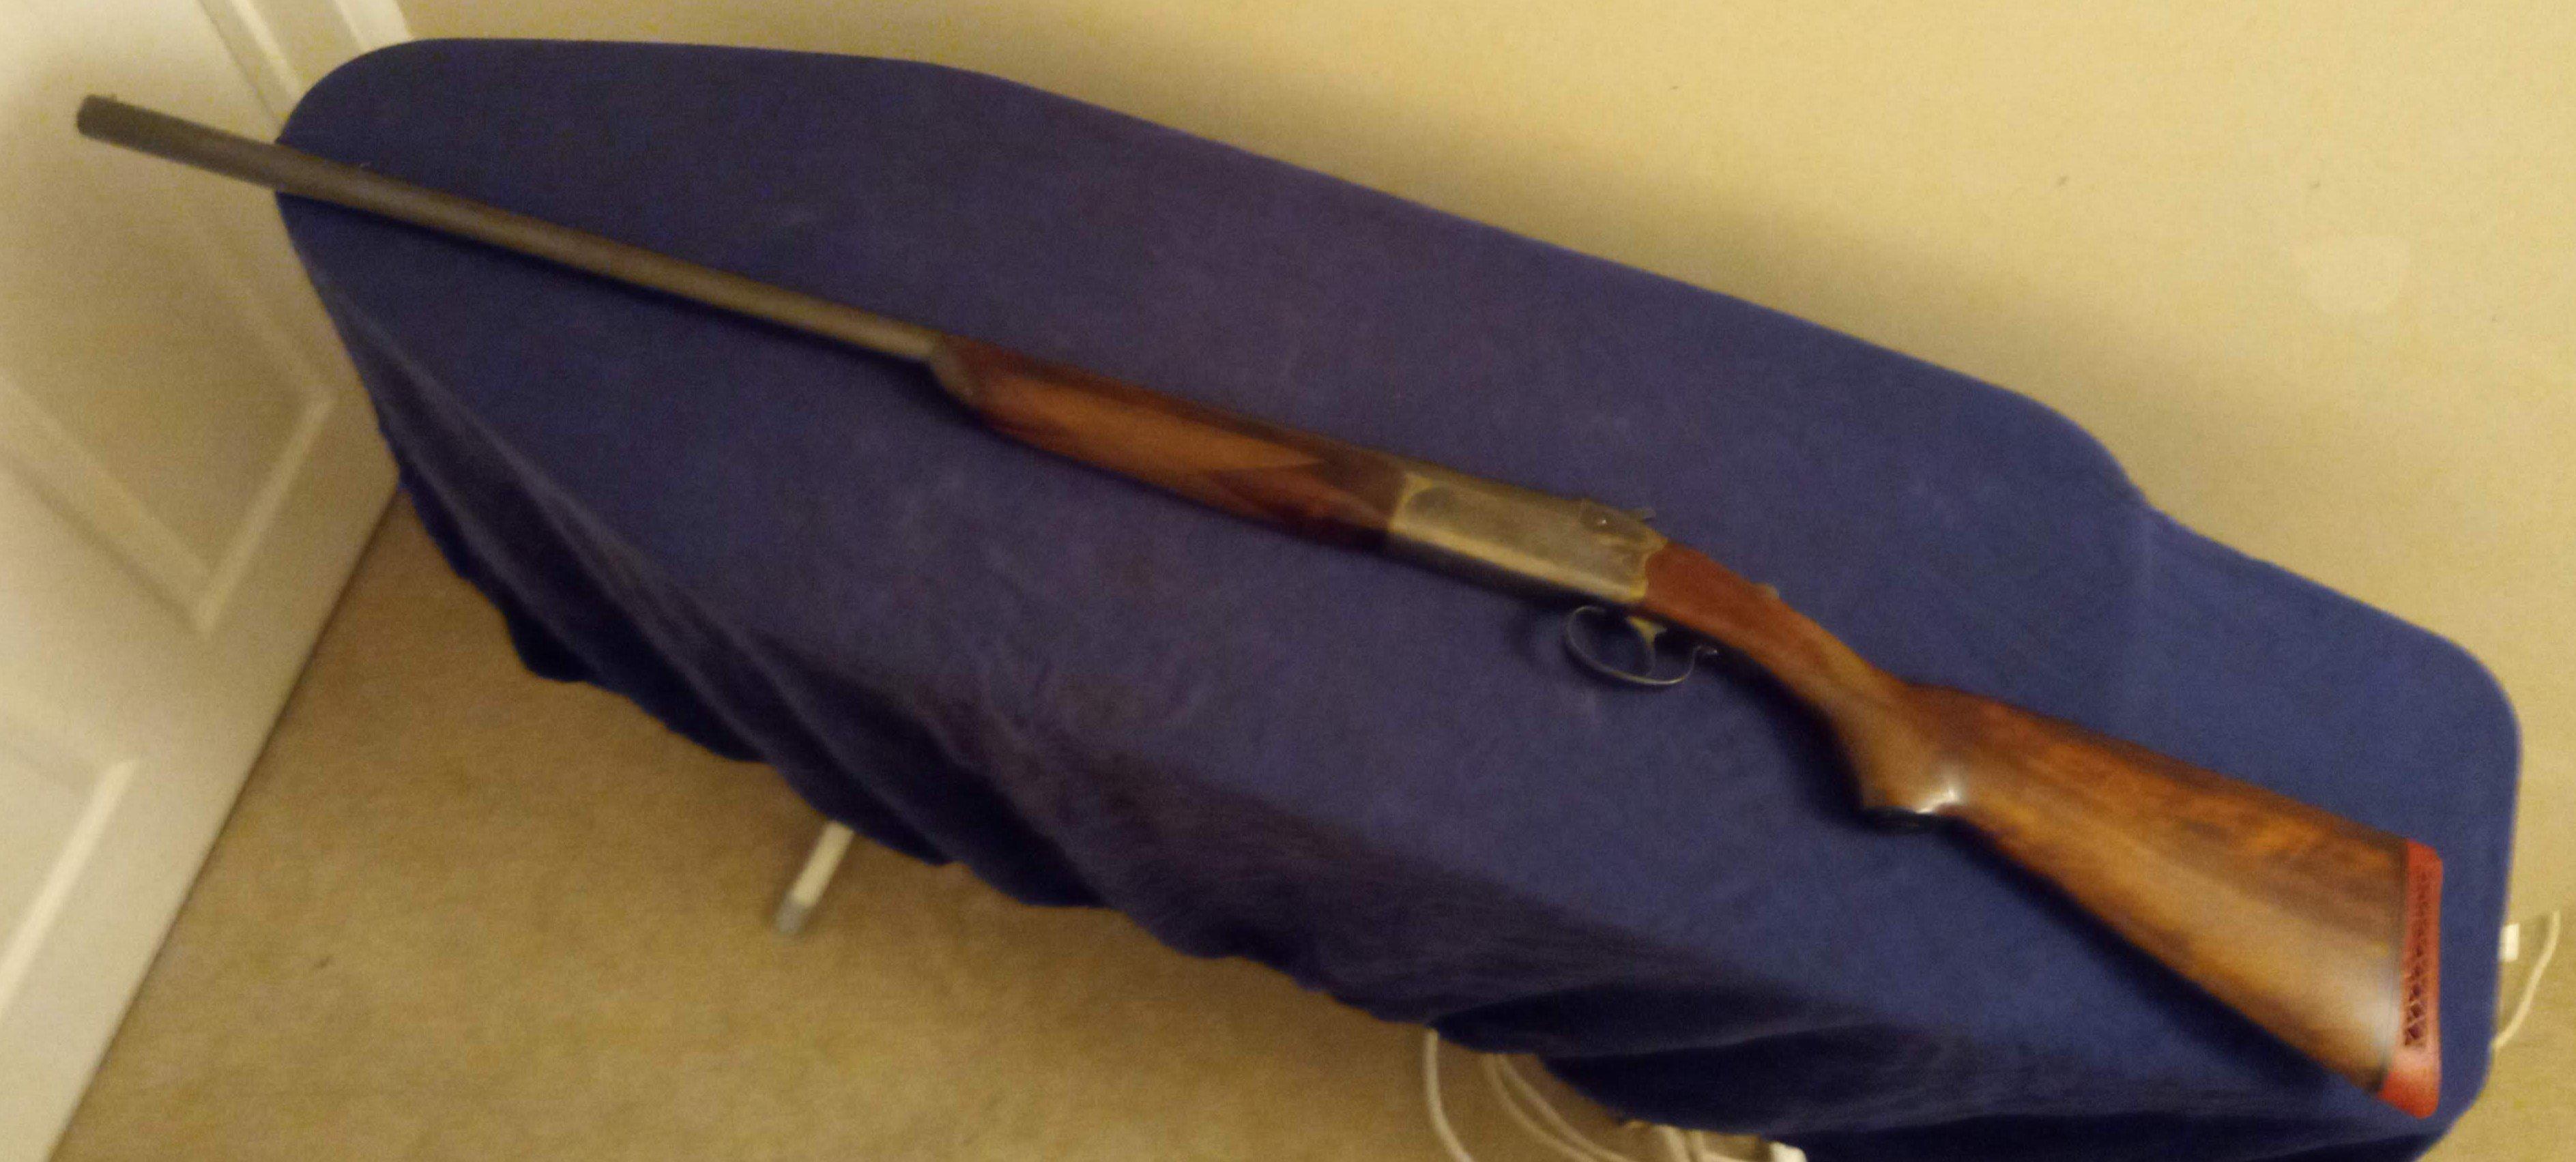 2 shotguns